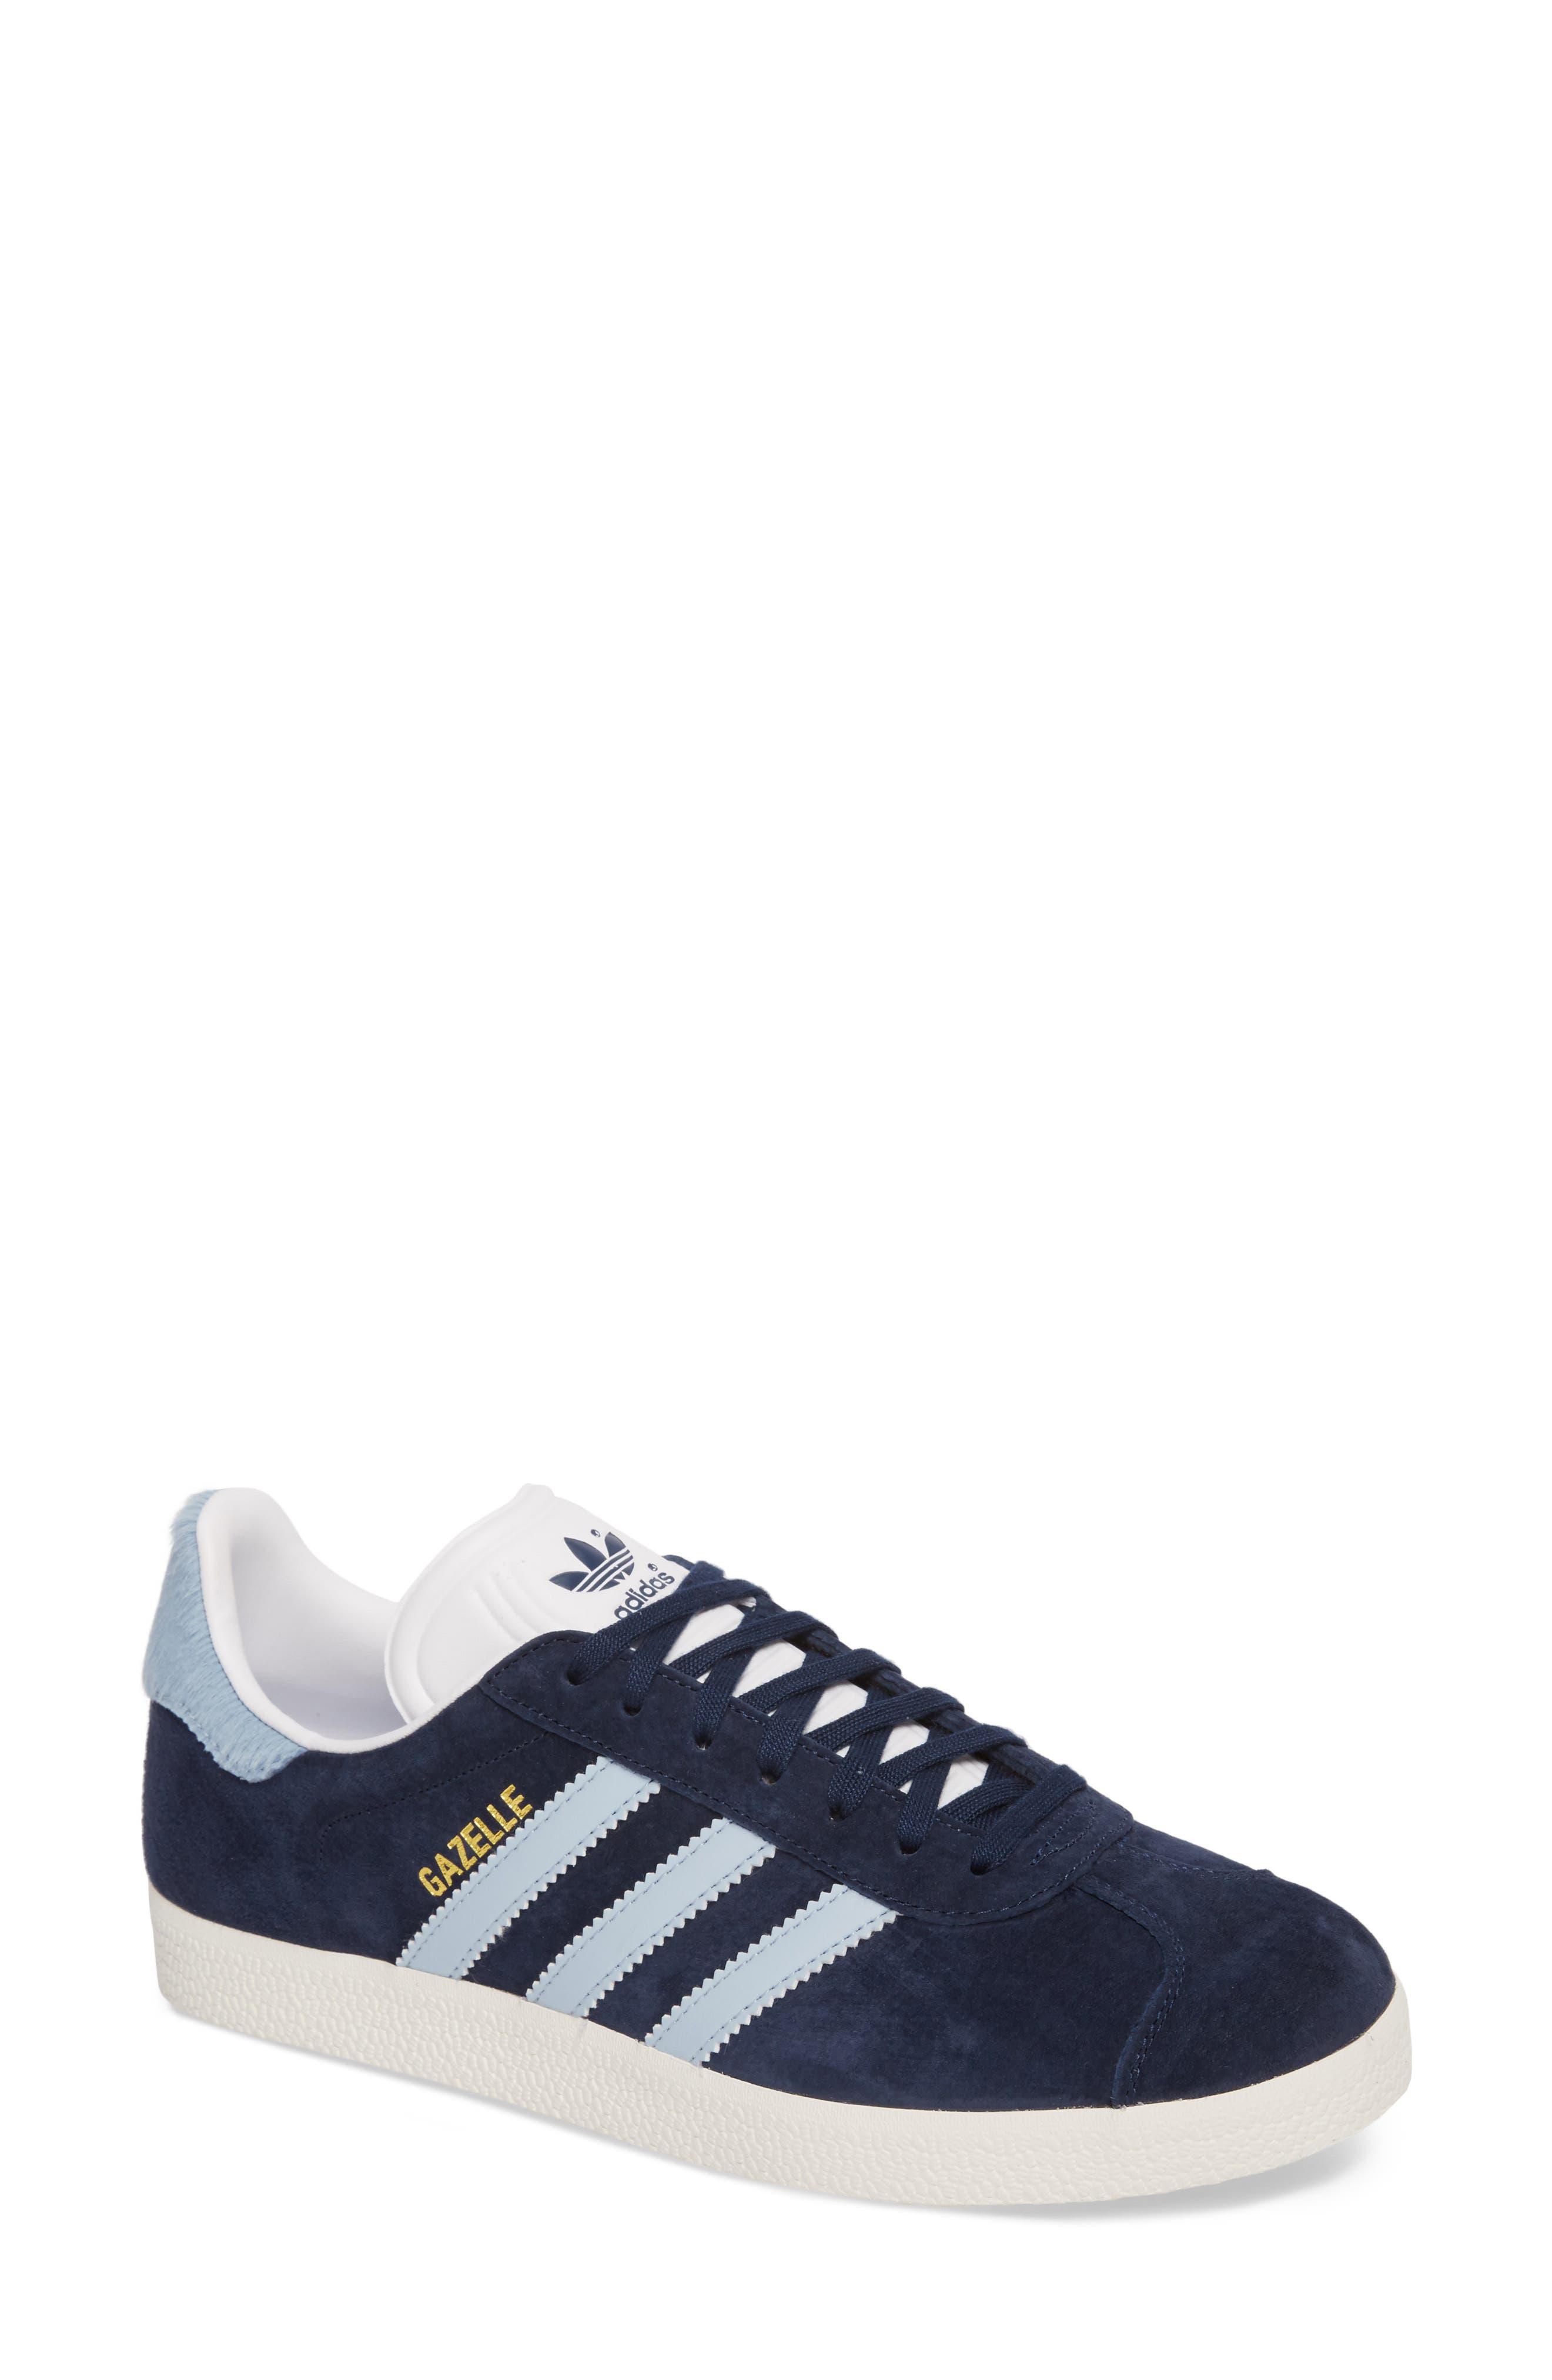 Gazelle Sneaker,                             Main thumbnail 1, color,                             415